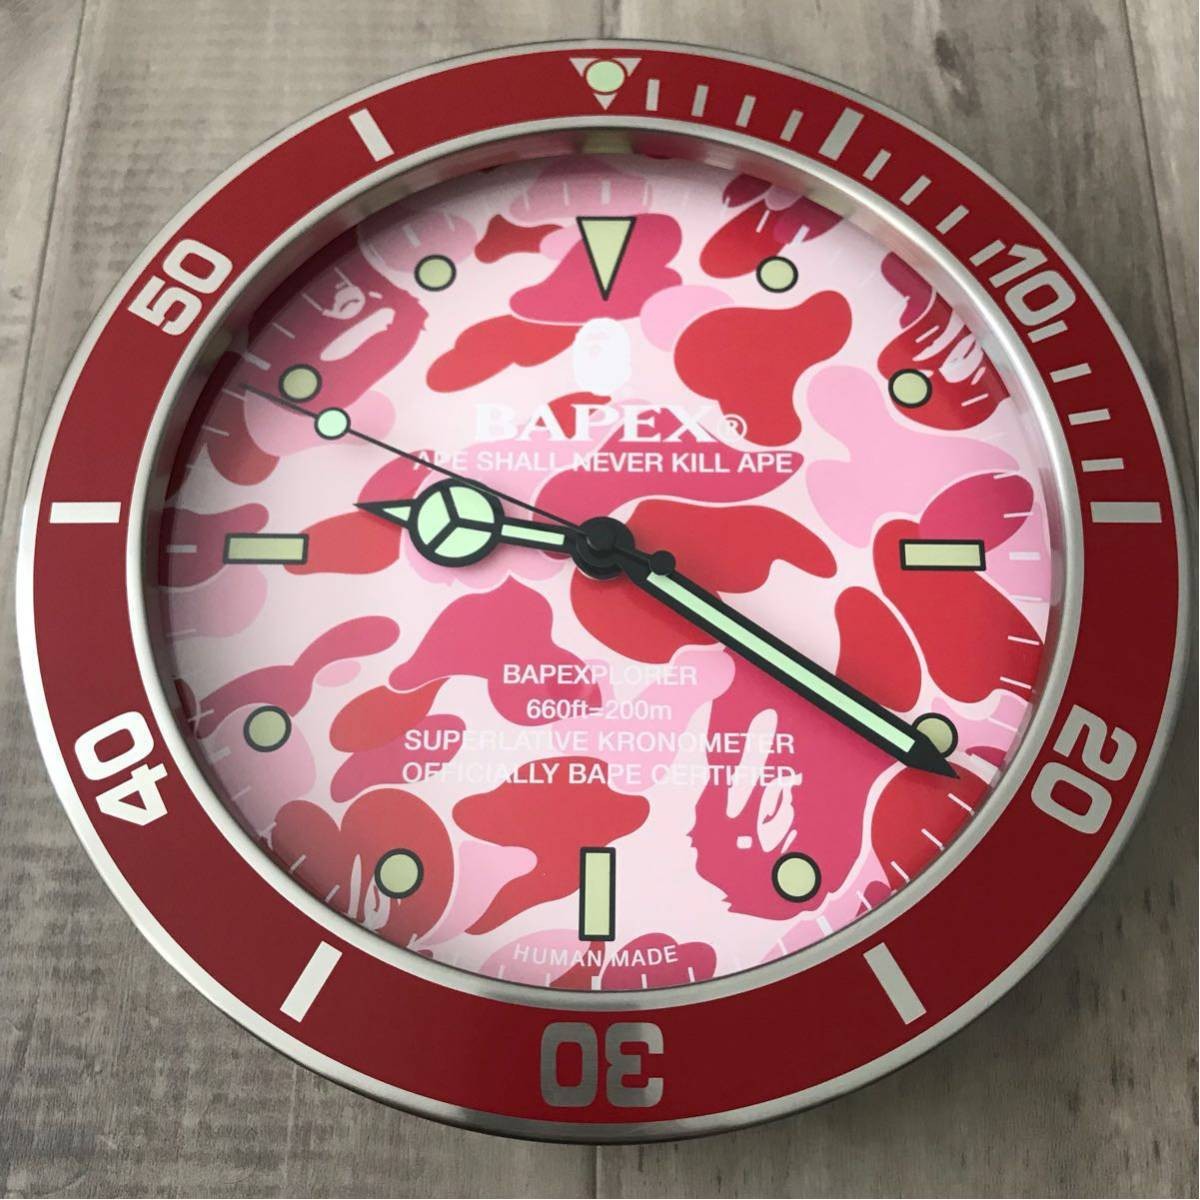 ★新品★ BAPEX wall clock pink camo ウォール クロック 掛け時計 a bathing ape BAPE エイプ ベイプ 時計 ピンク 迷彩 ABC camo ABCカモ